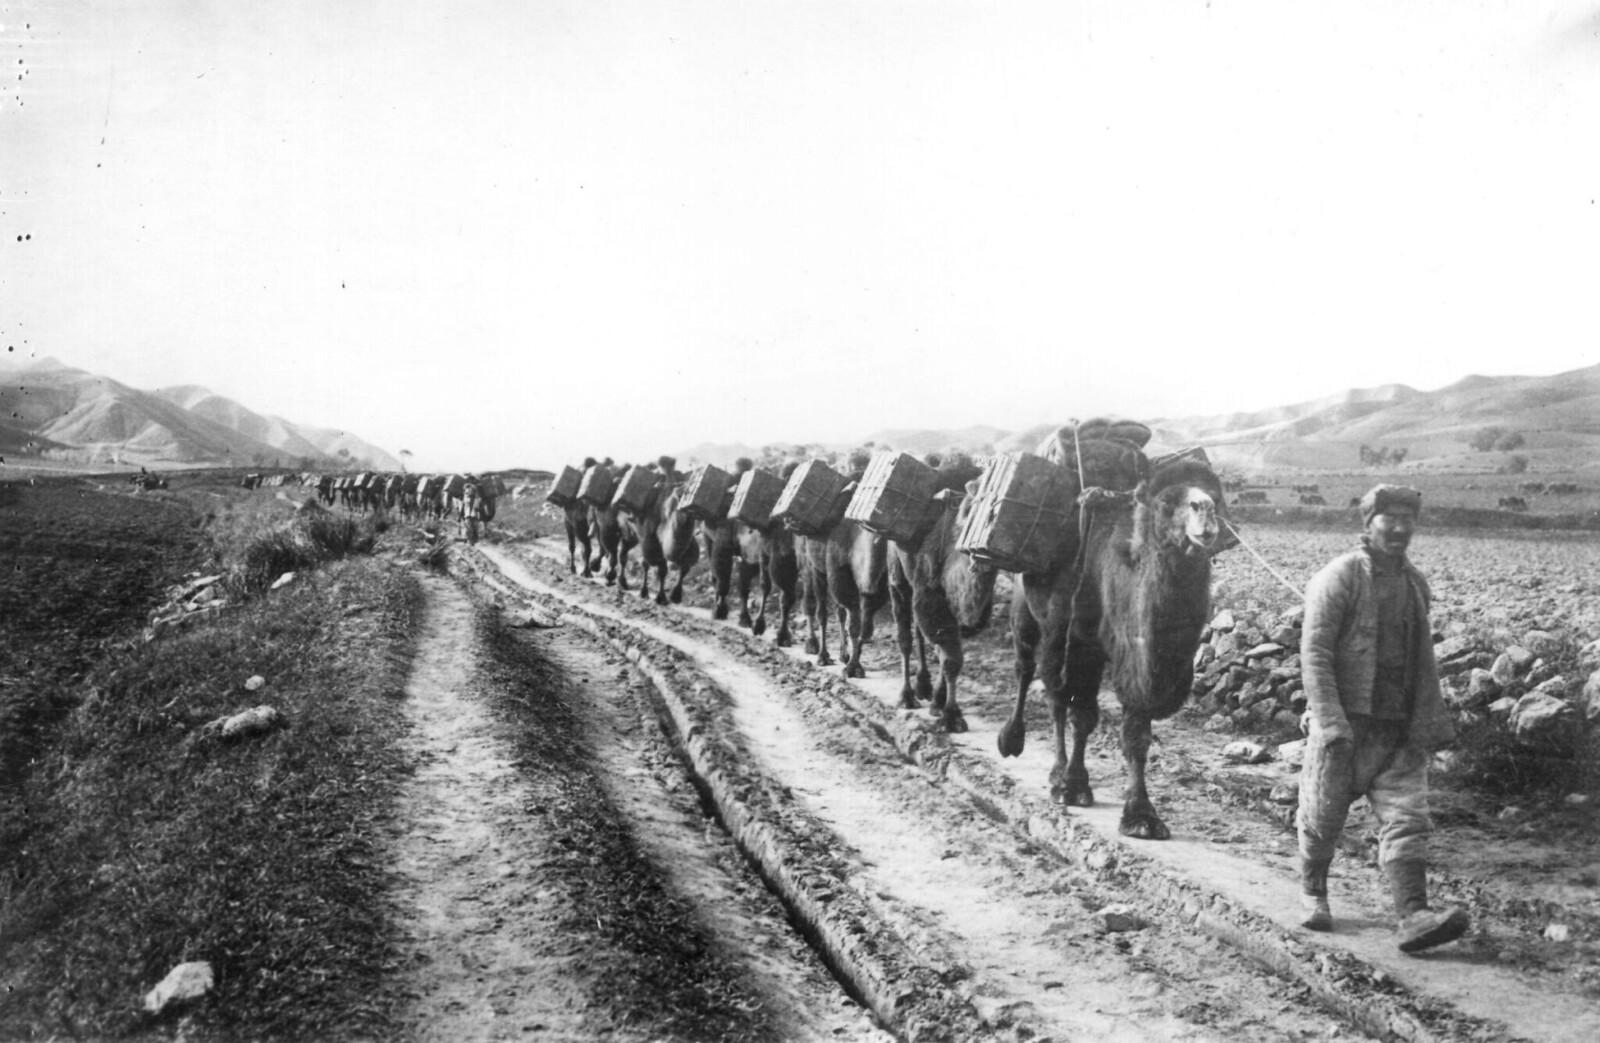 1923. Караван верблюдов, перевозящих провизию через пустыню Гоби